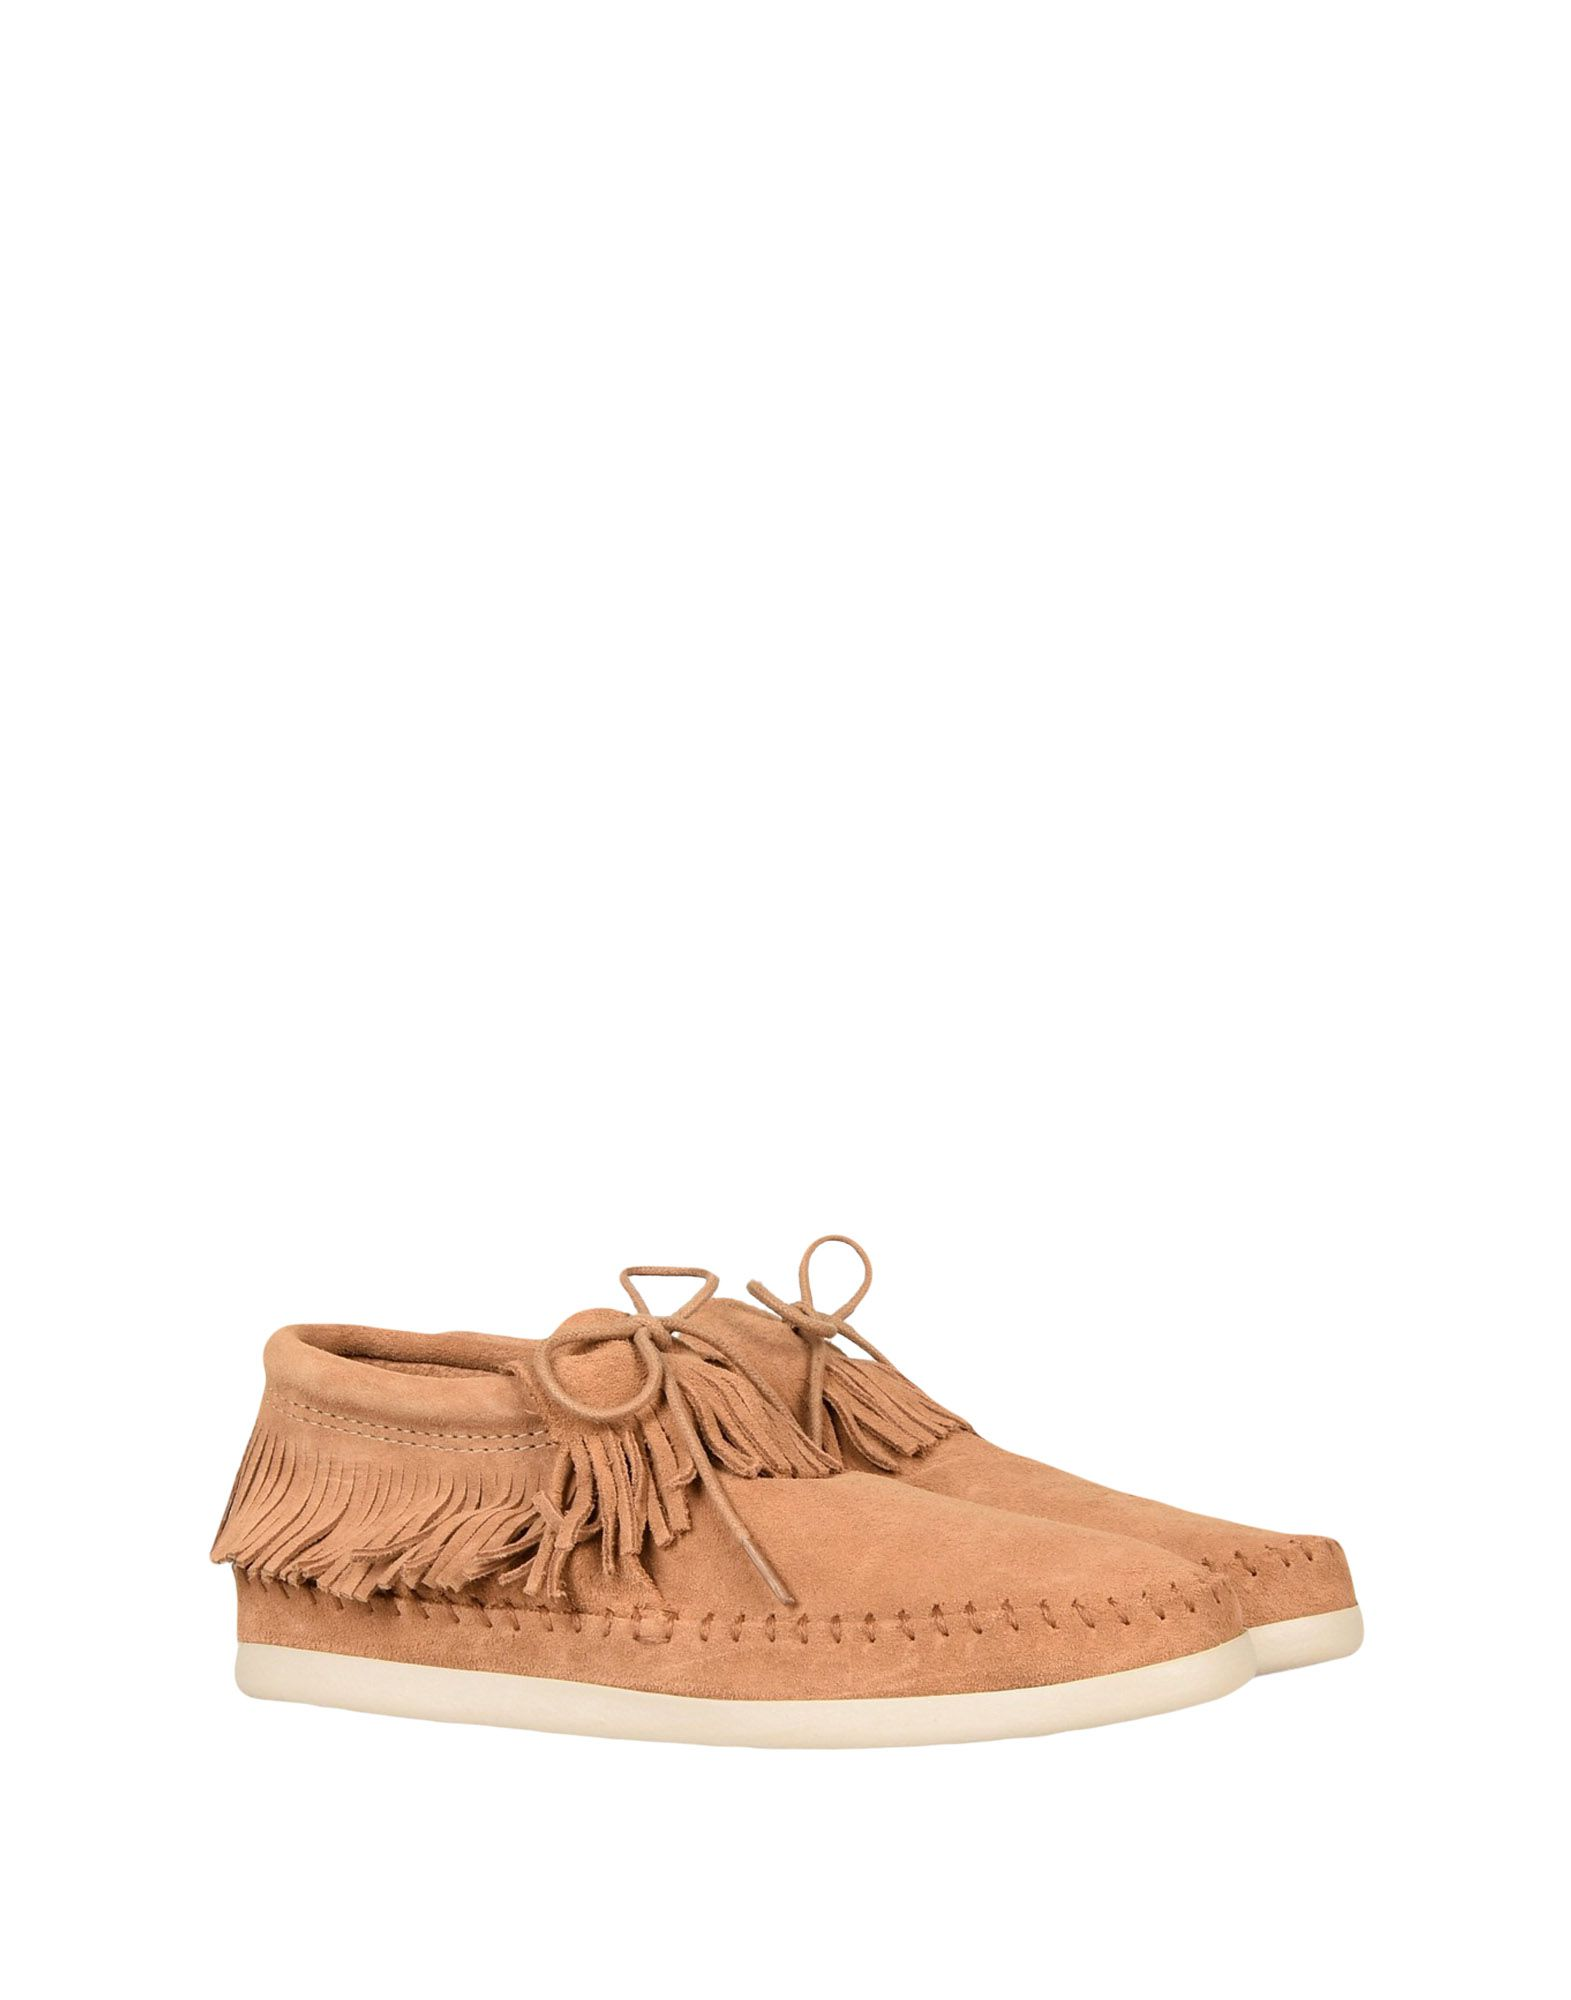 Minnetonka Venice  11227599XD Gute Qualität beliebte Schuhe